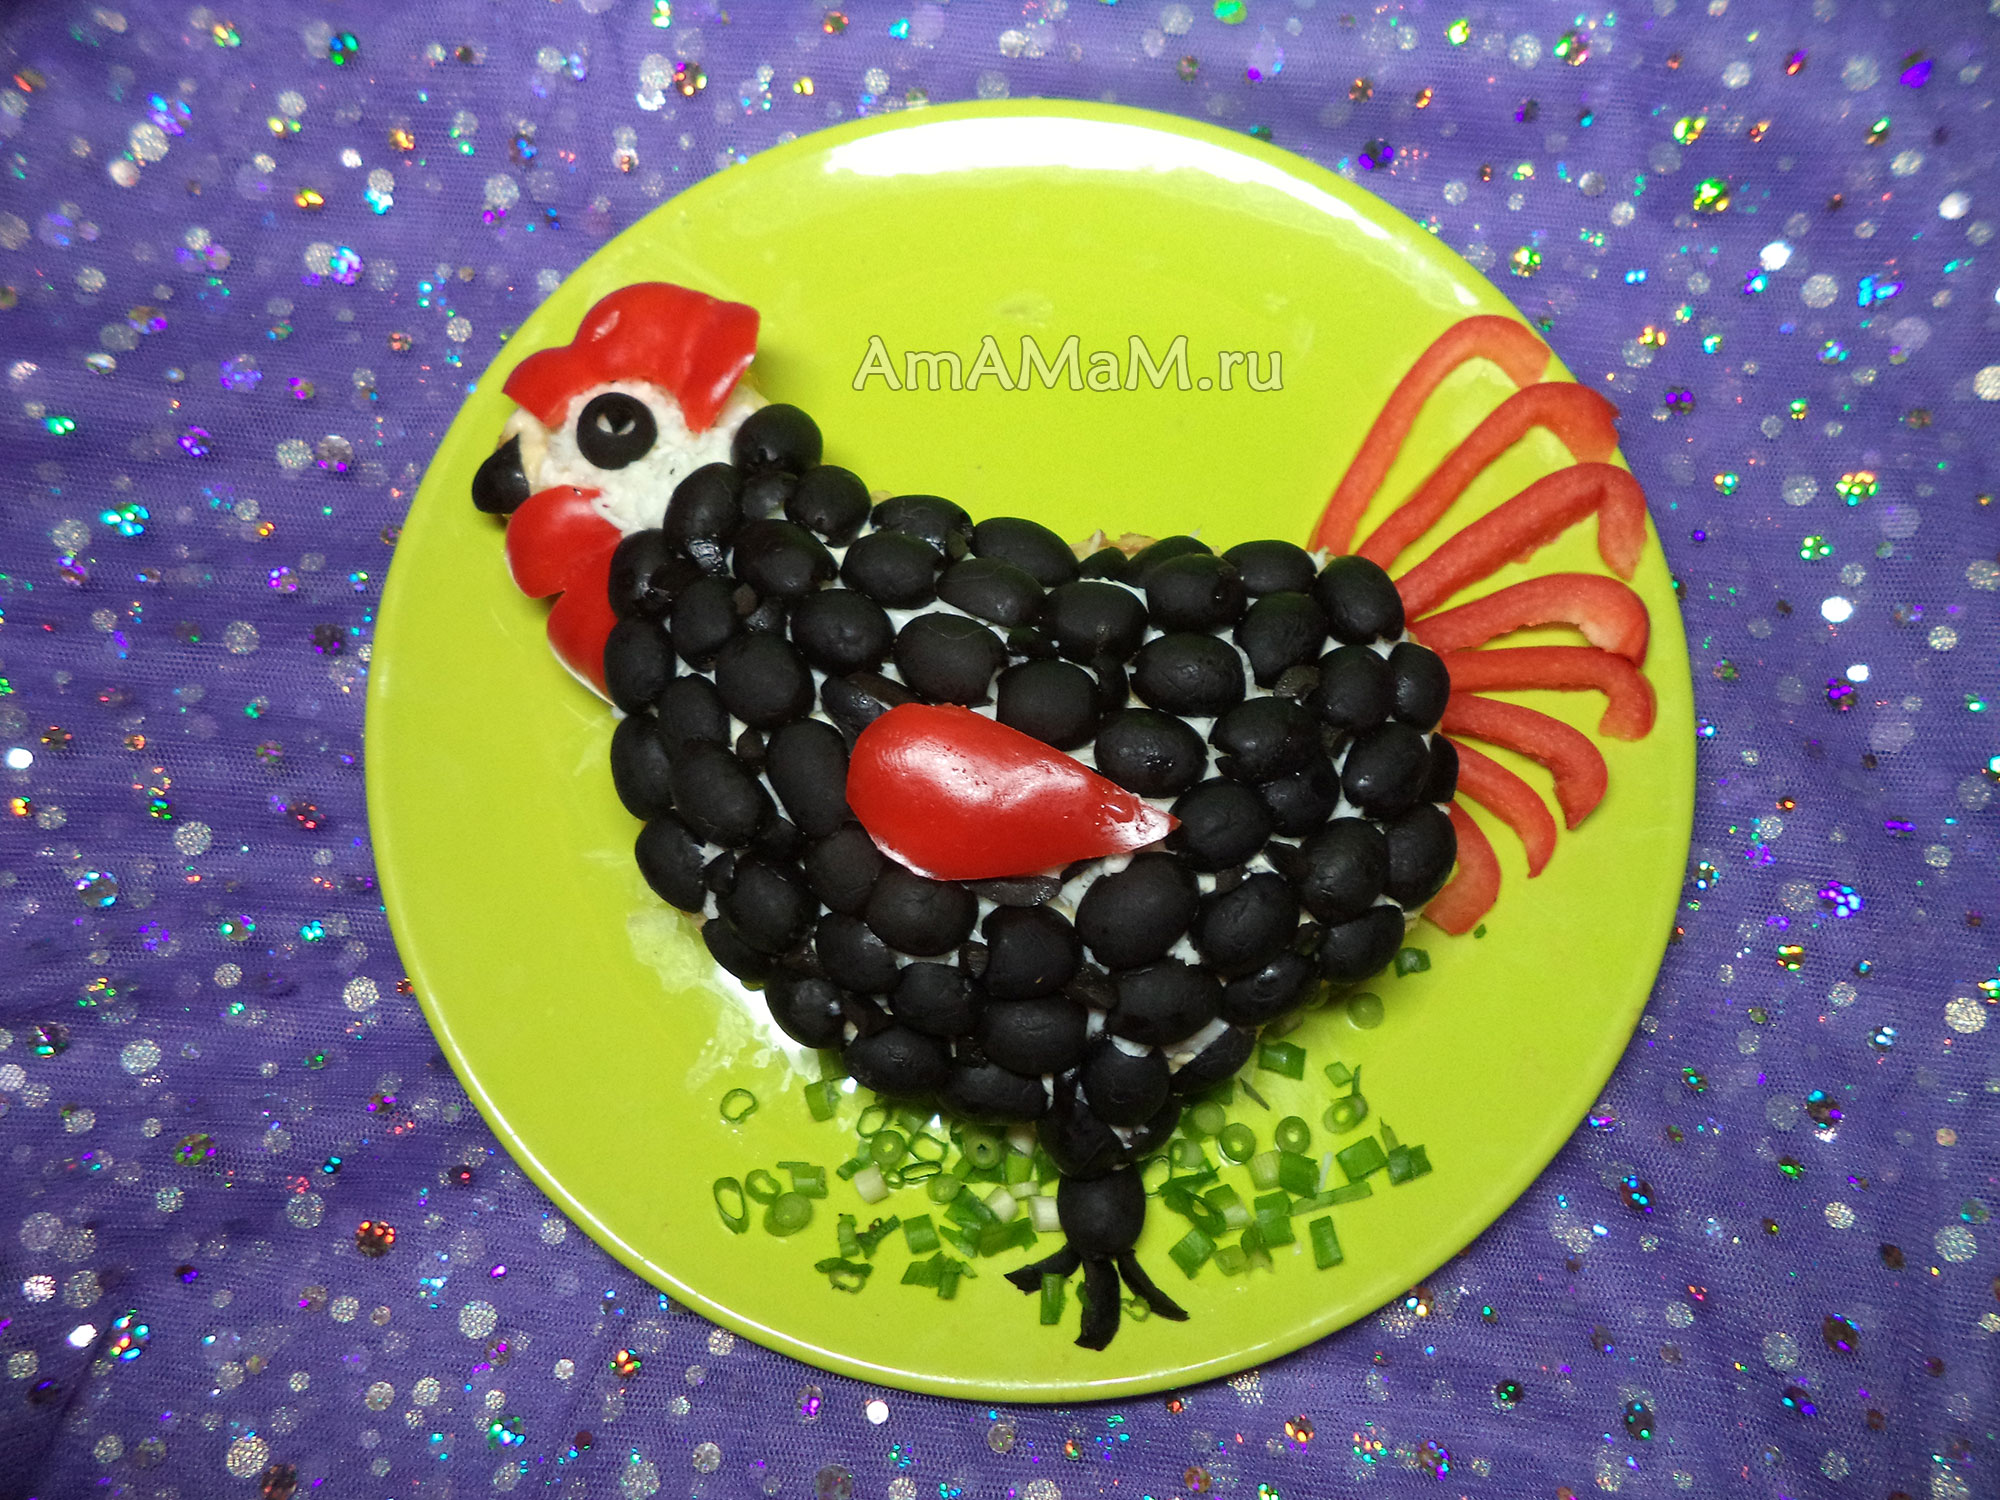 Блюда в виде петухов - из чего сделать черного петуха